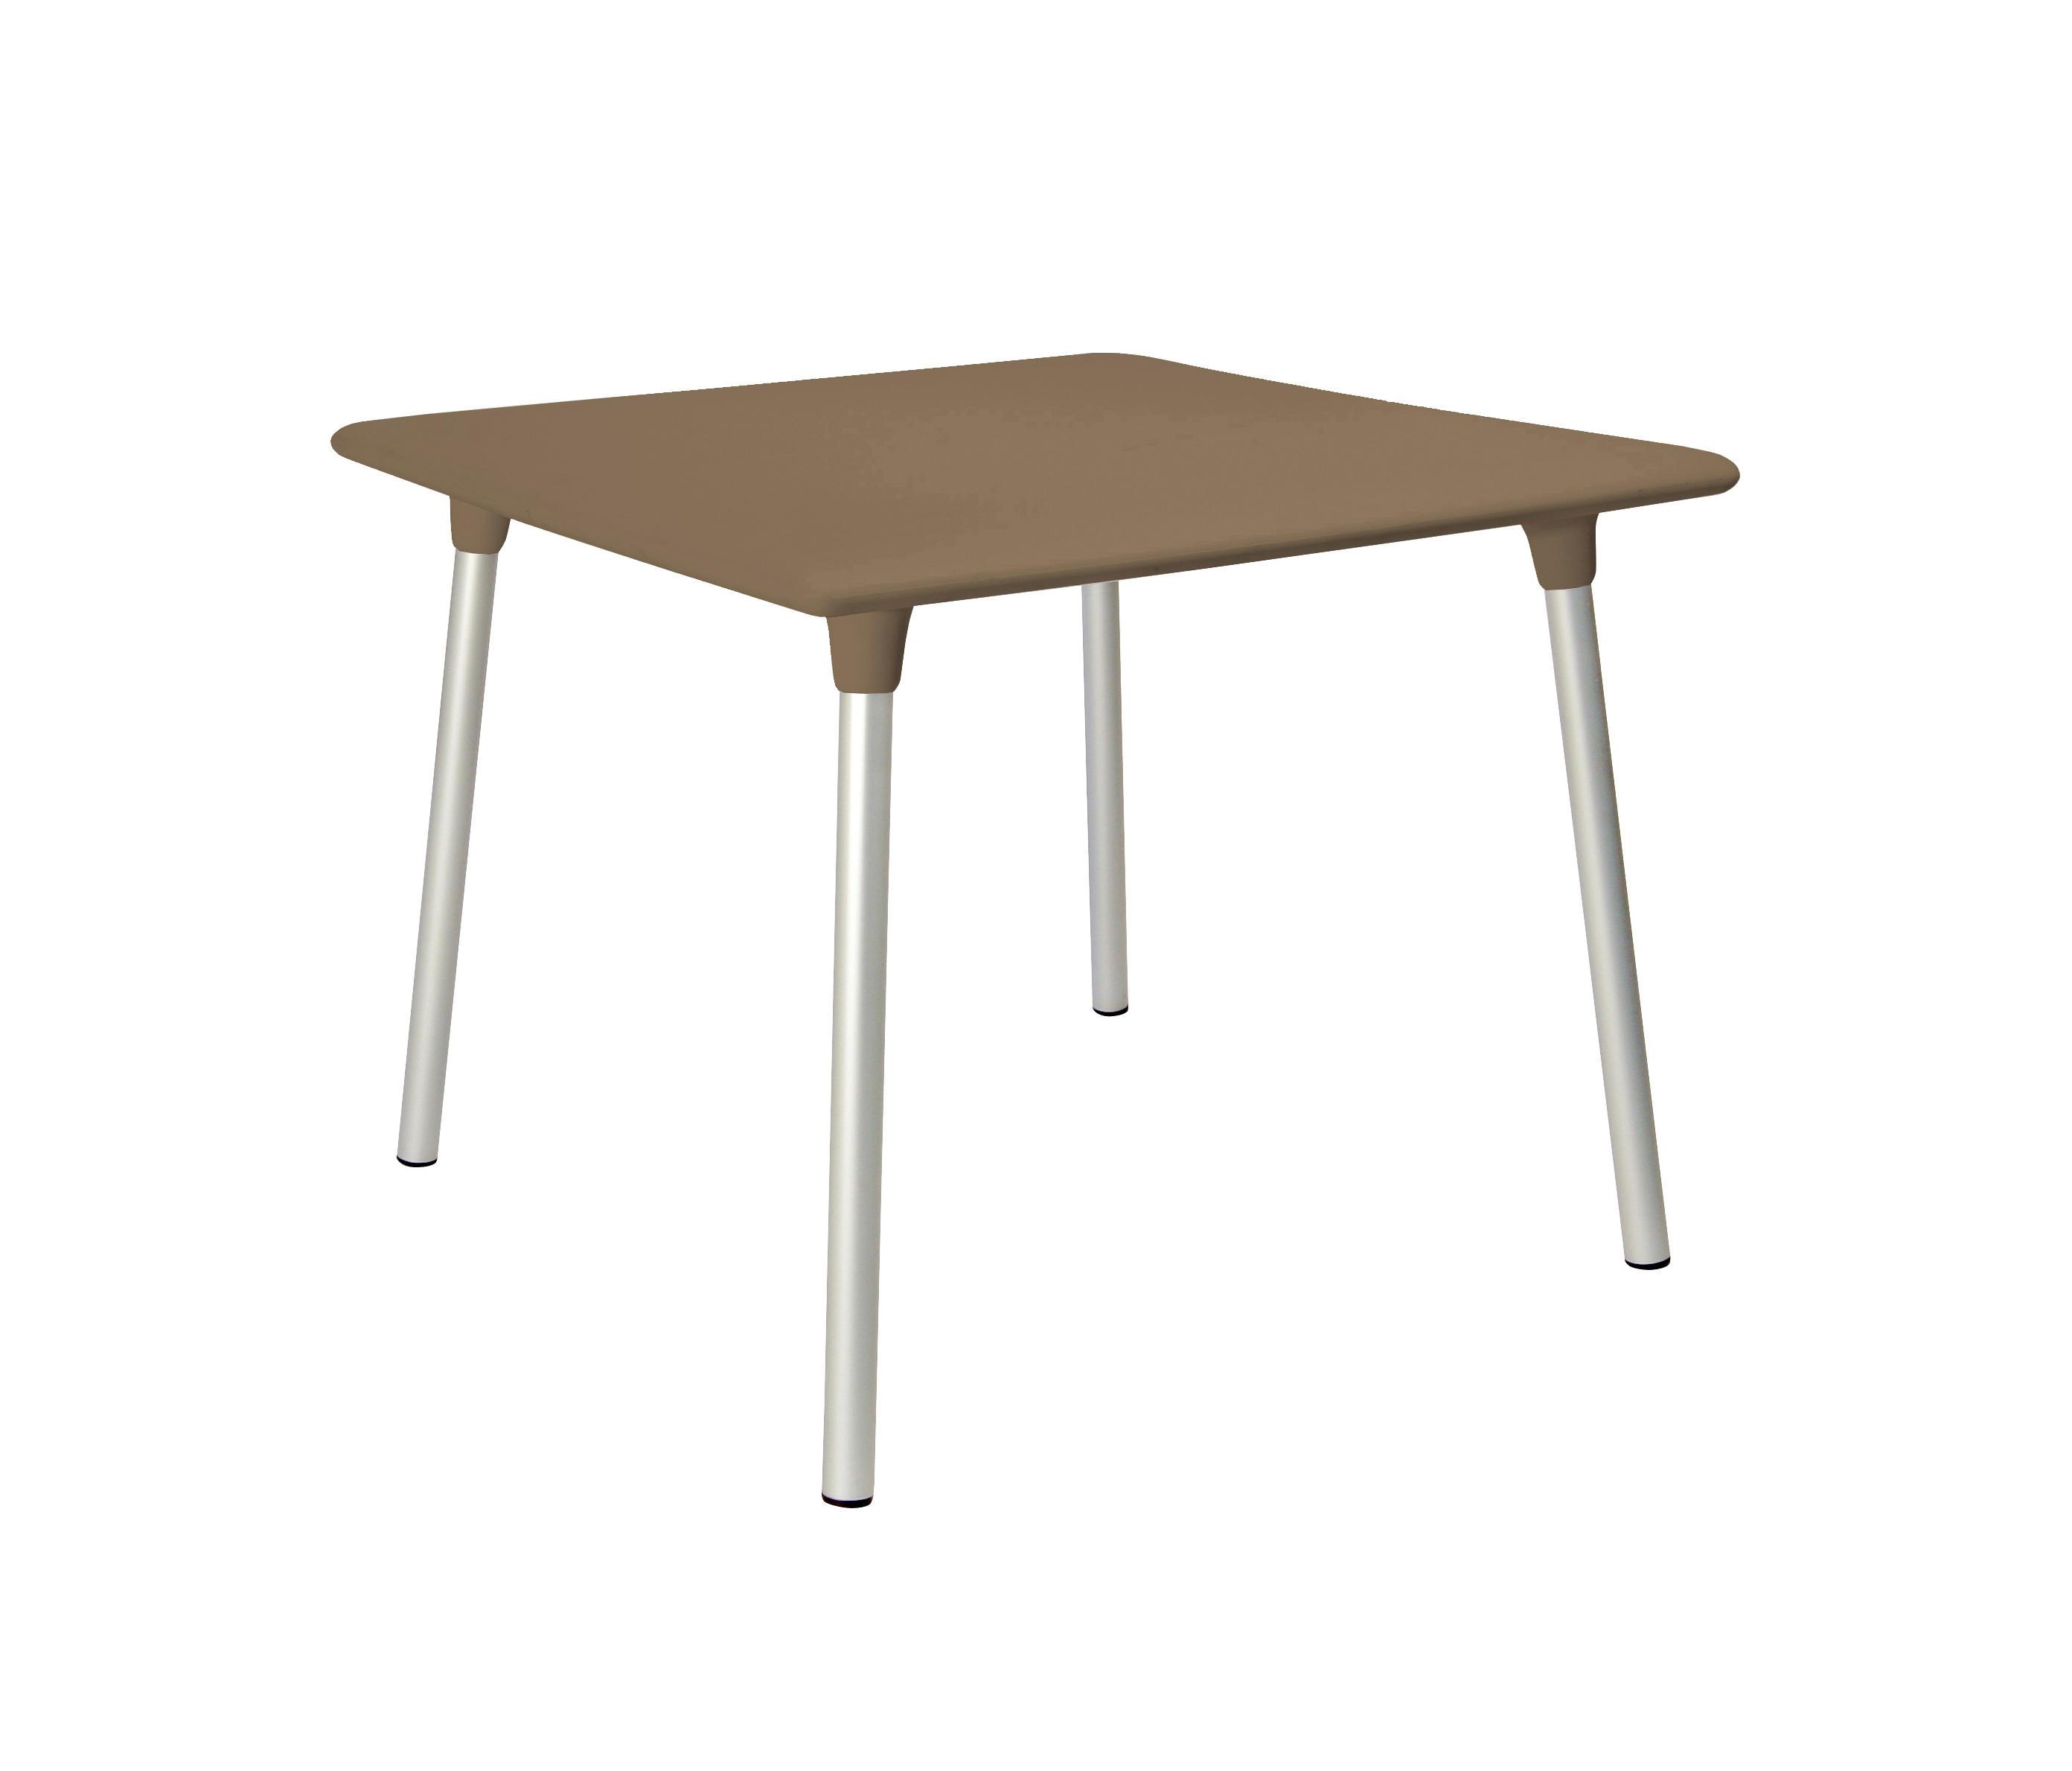 Von Resol Flash Tisch Esstische DdArchitonic Barcelona 5ARjq43L